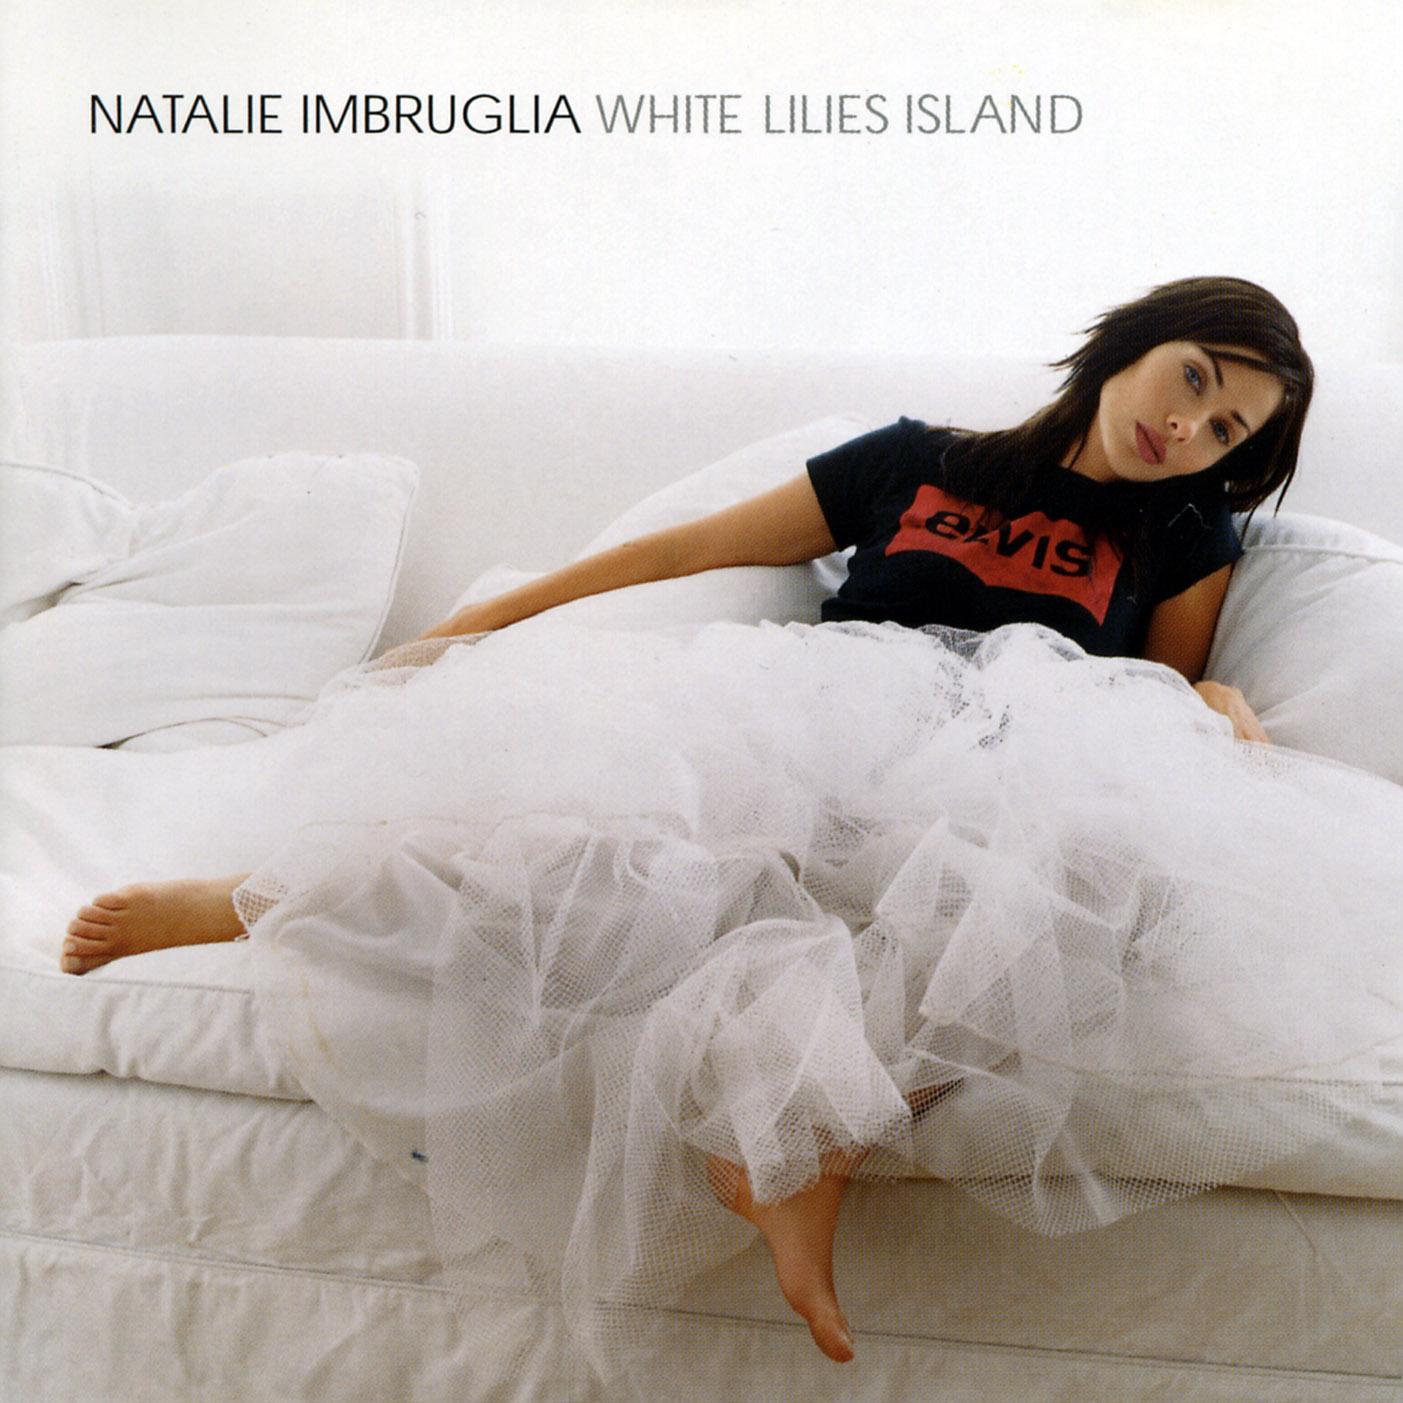 http://2.bp.blogspot.com/-A7EDDNhRr_M/UO8UtNHyboI/AAAAAAAAAWA/Tve9P4Mg82Q/s1600/Natalie+Imbruglia+-+White+Lilies+Island+musicnfeet.jpeg